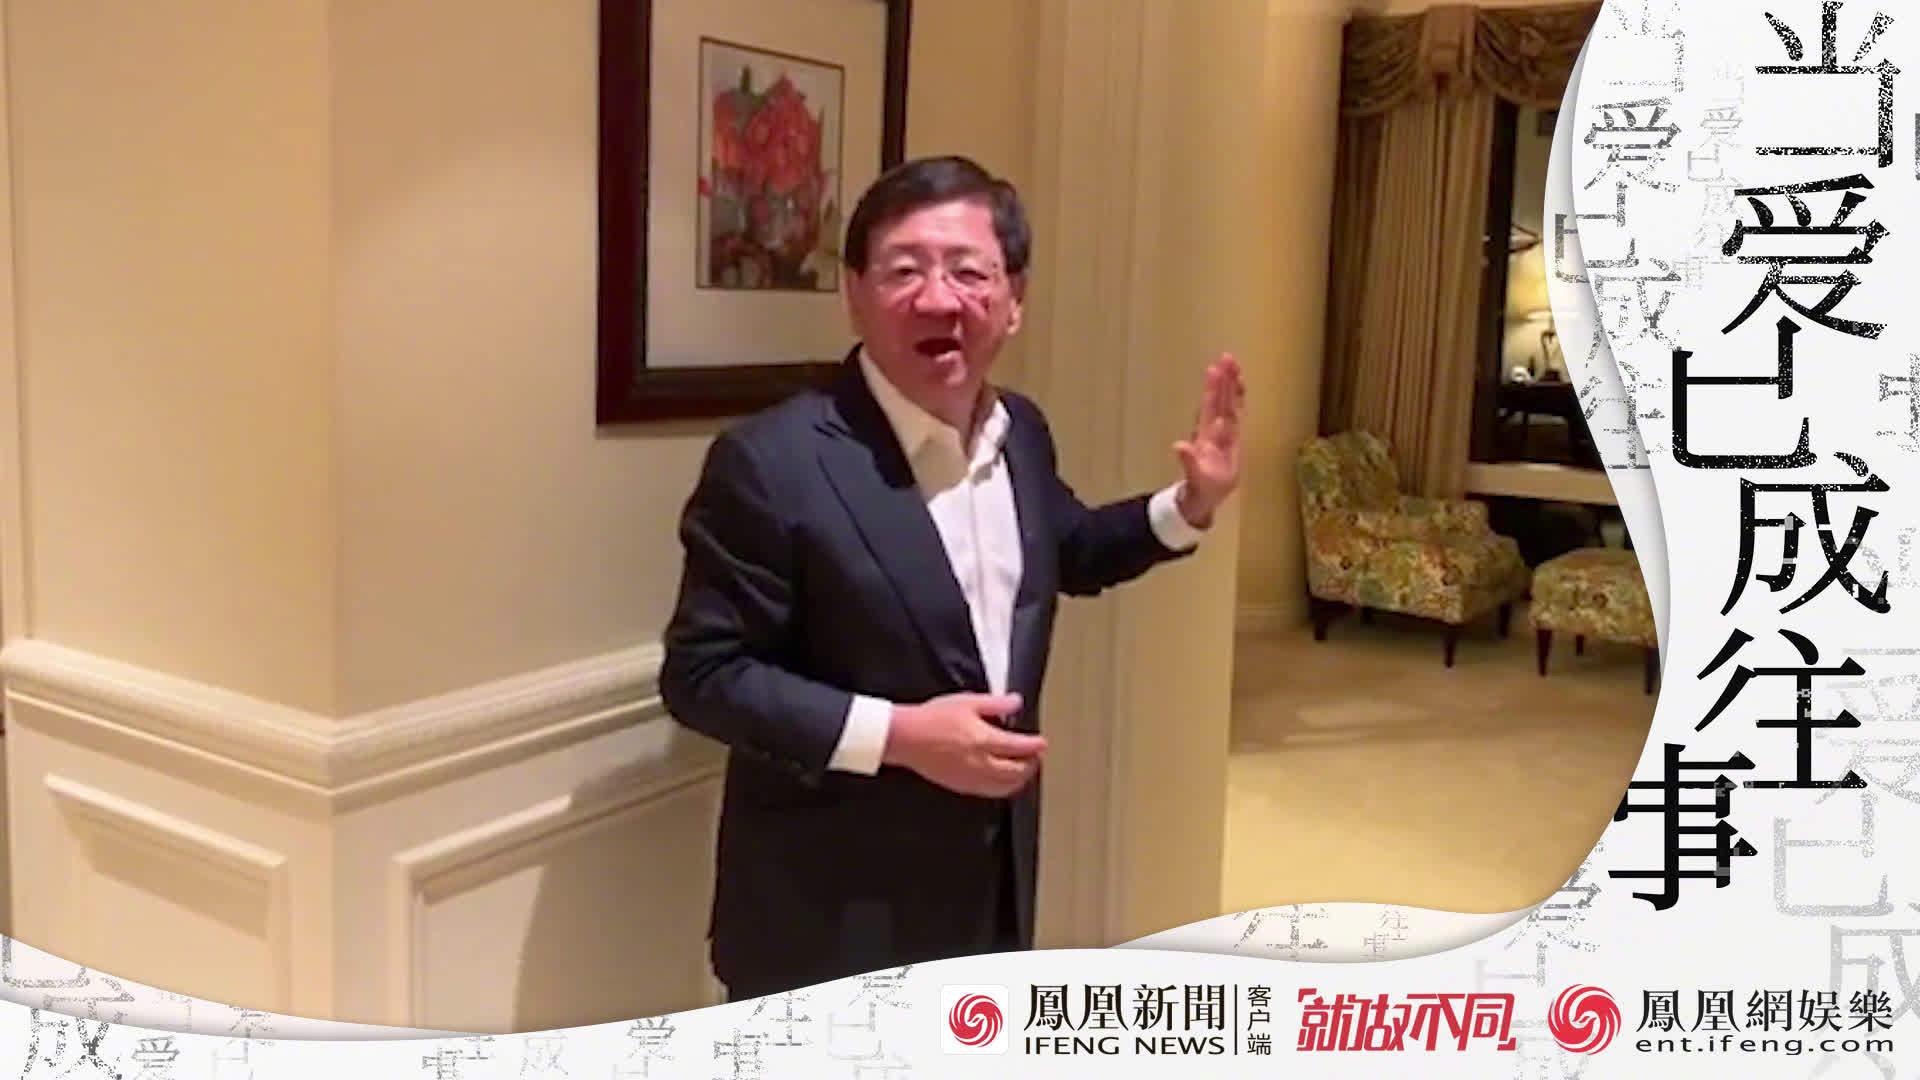 真格基金创始人徐小平分享他最喜欢的李宗盛作品